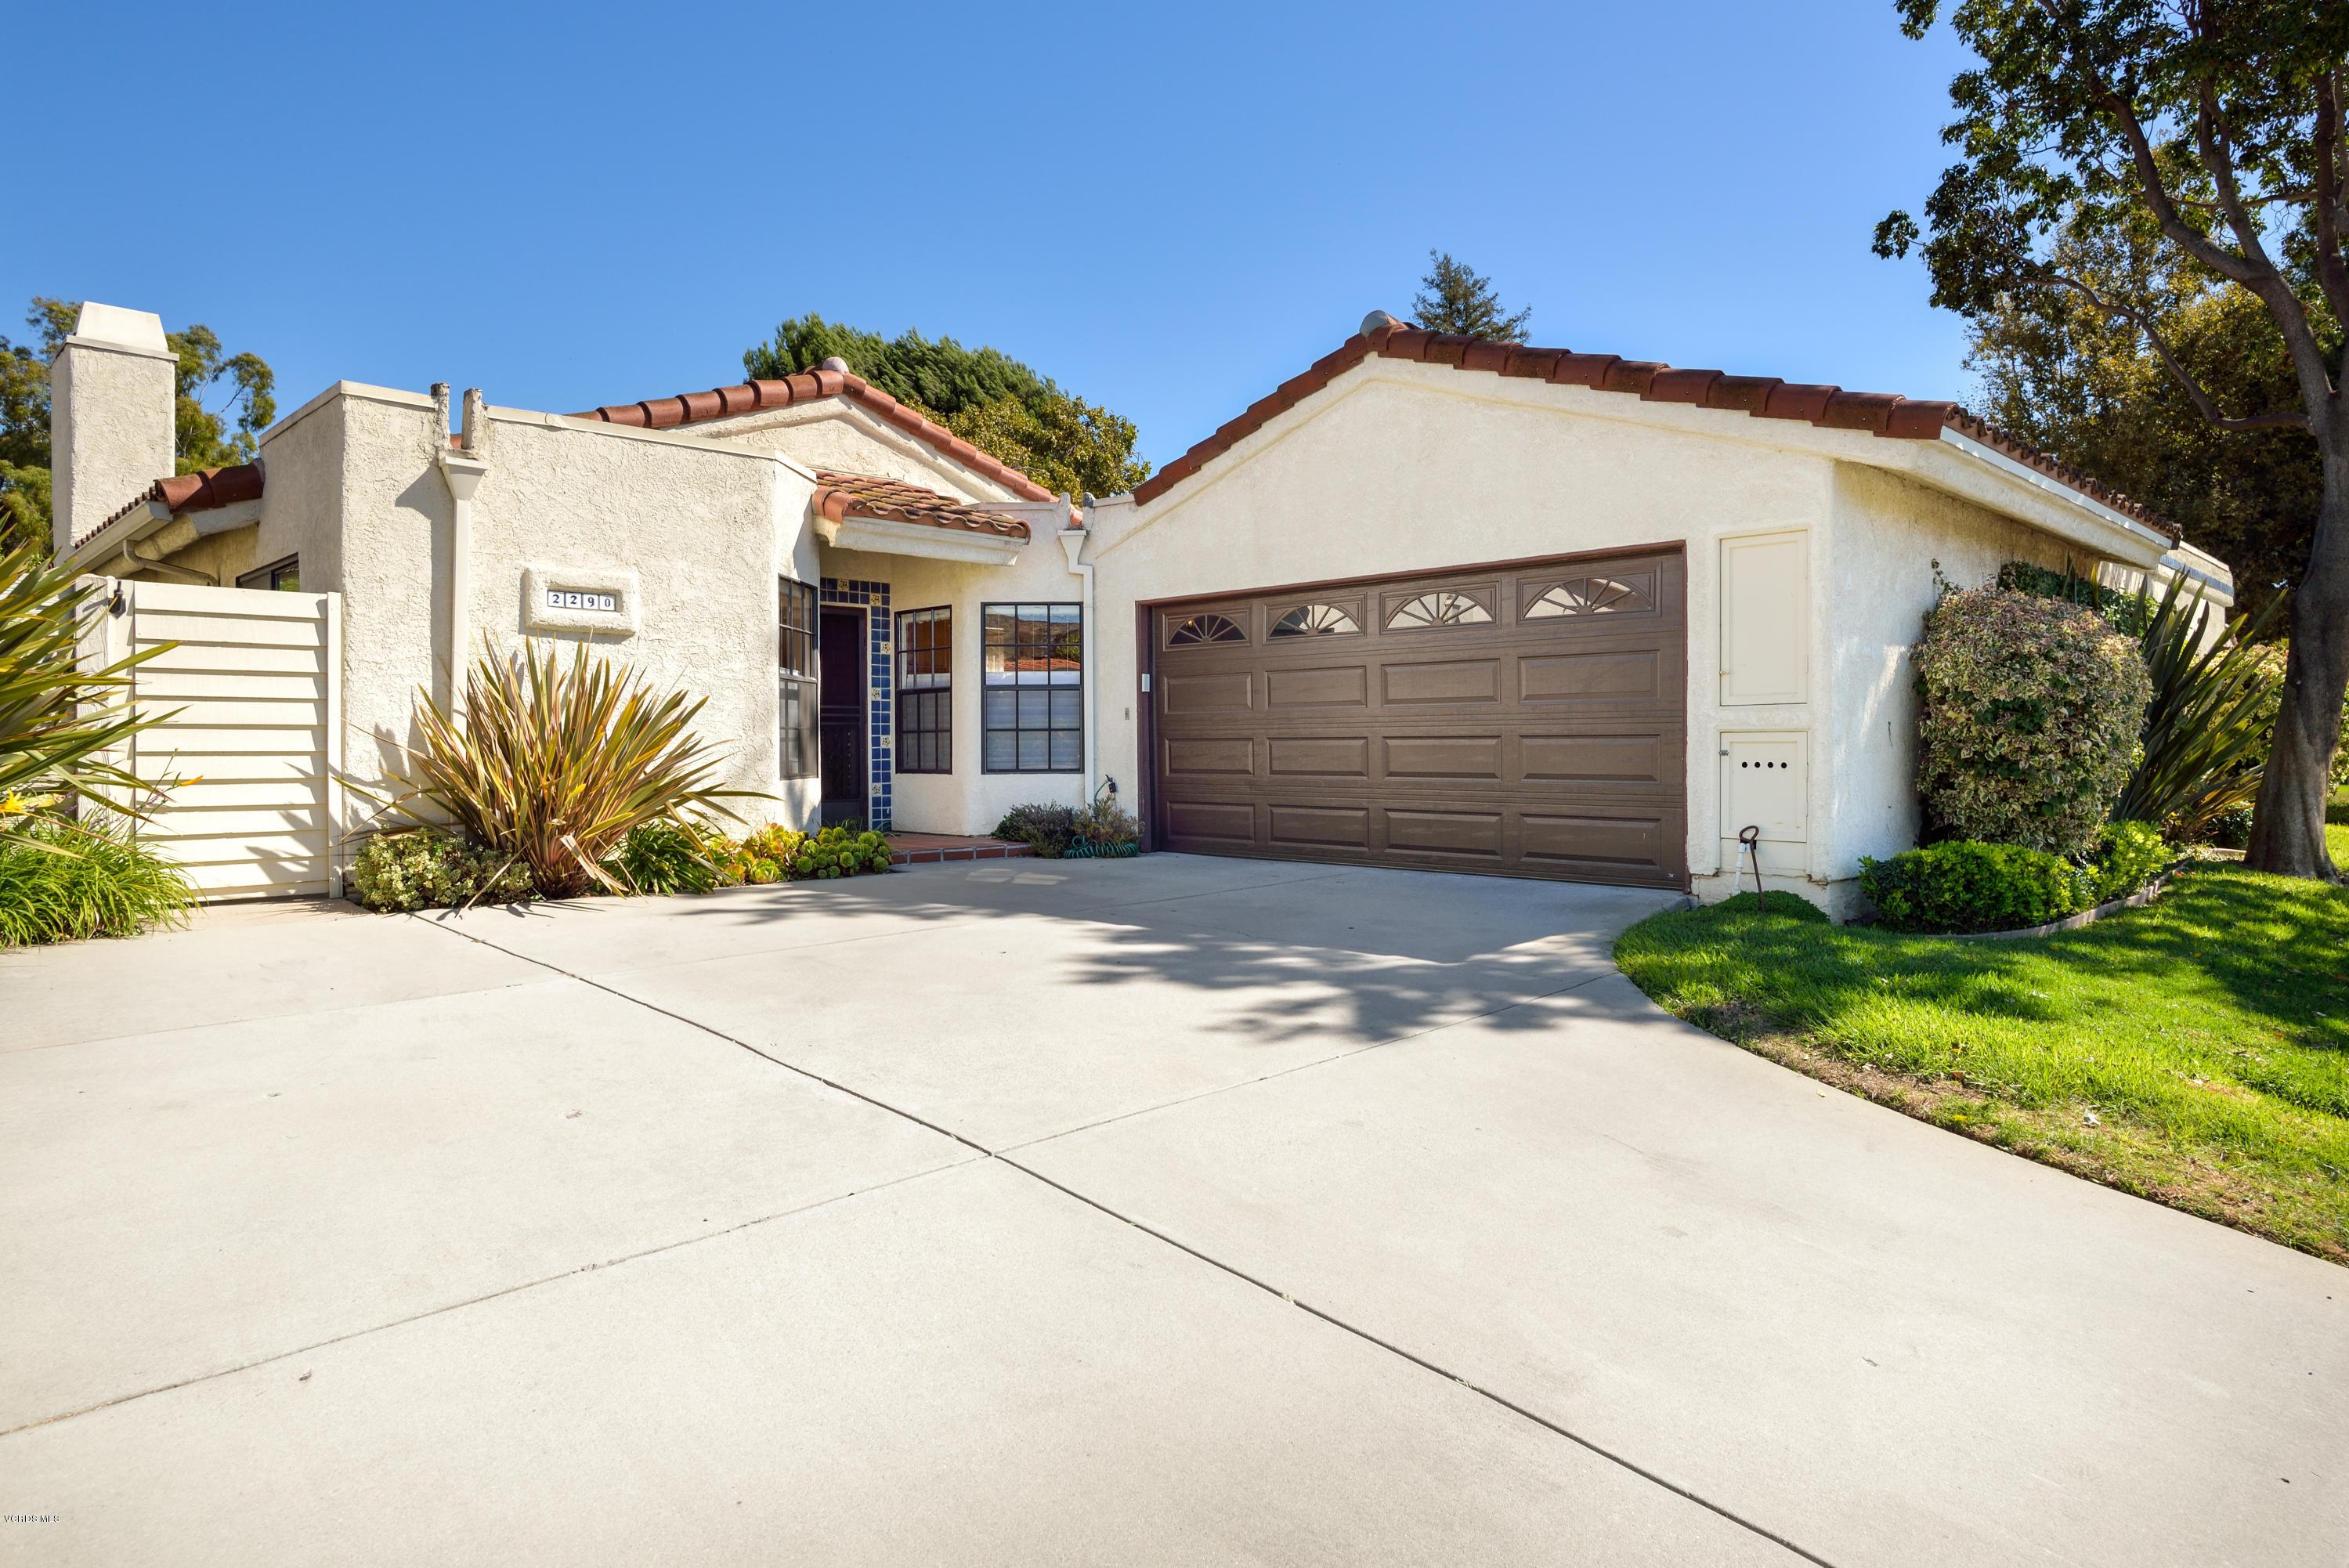 2290 Avenida San Antero, Camarillo, CA 93010